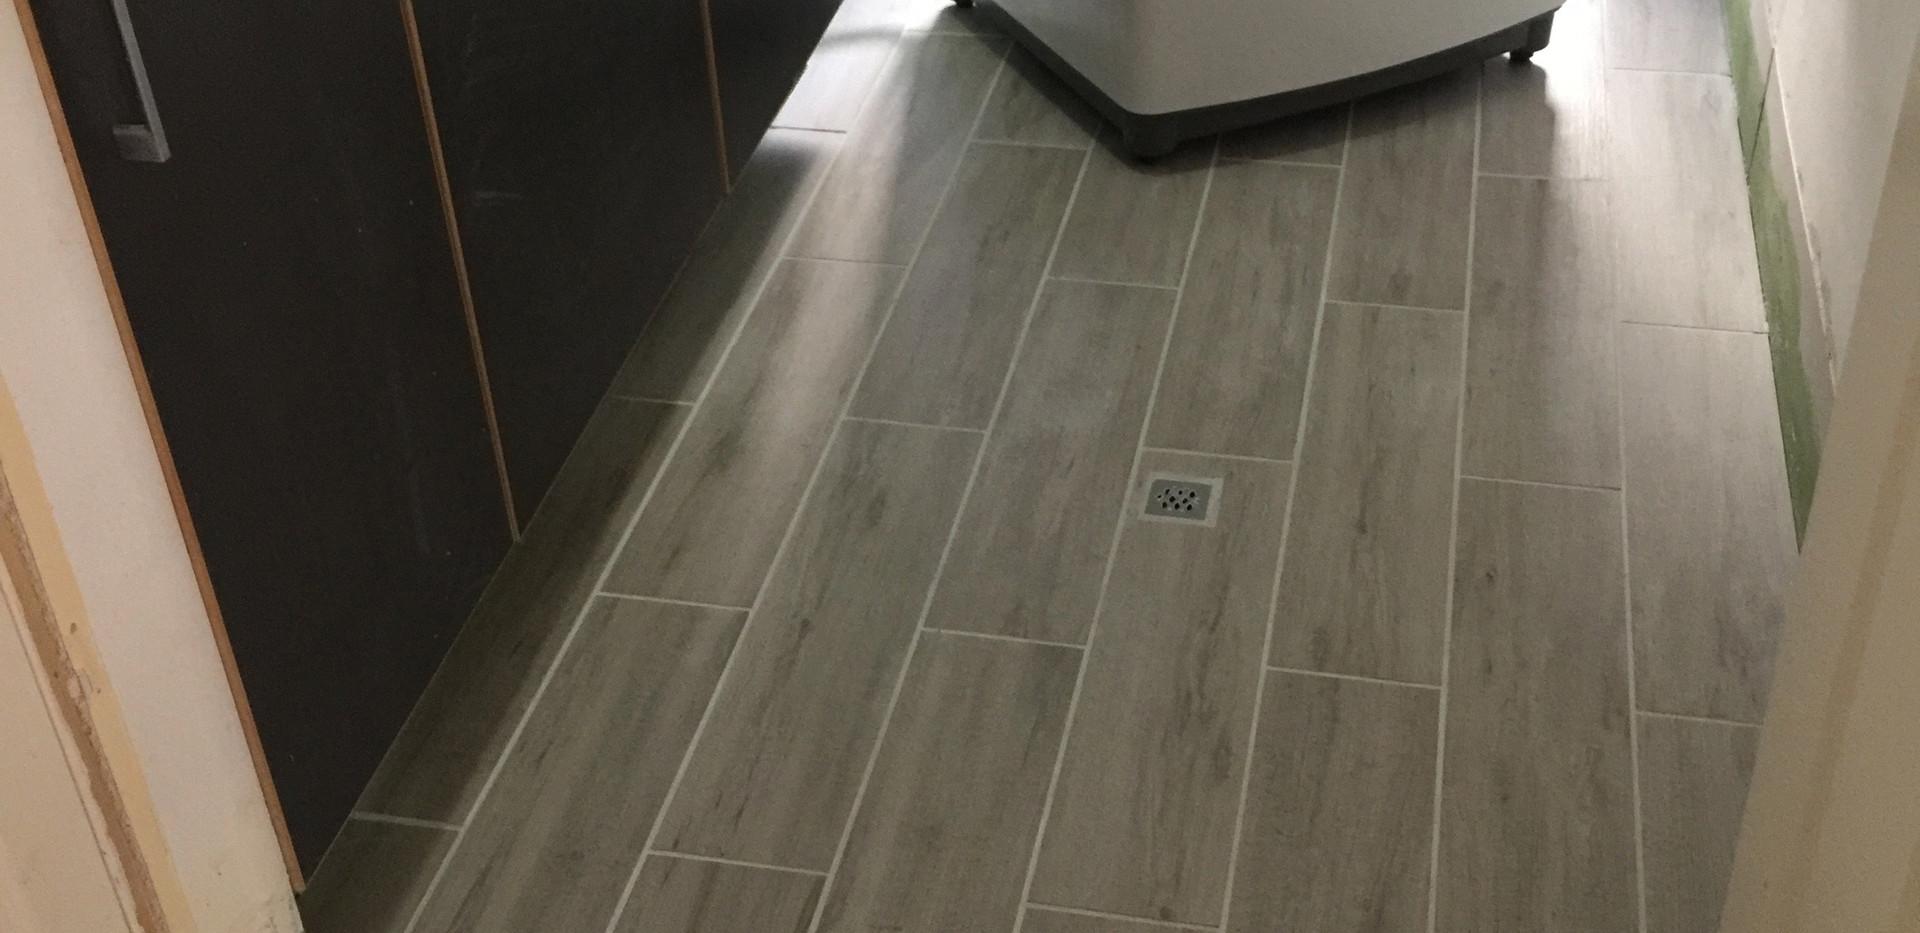 Laundry Tiling